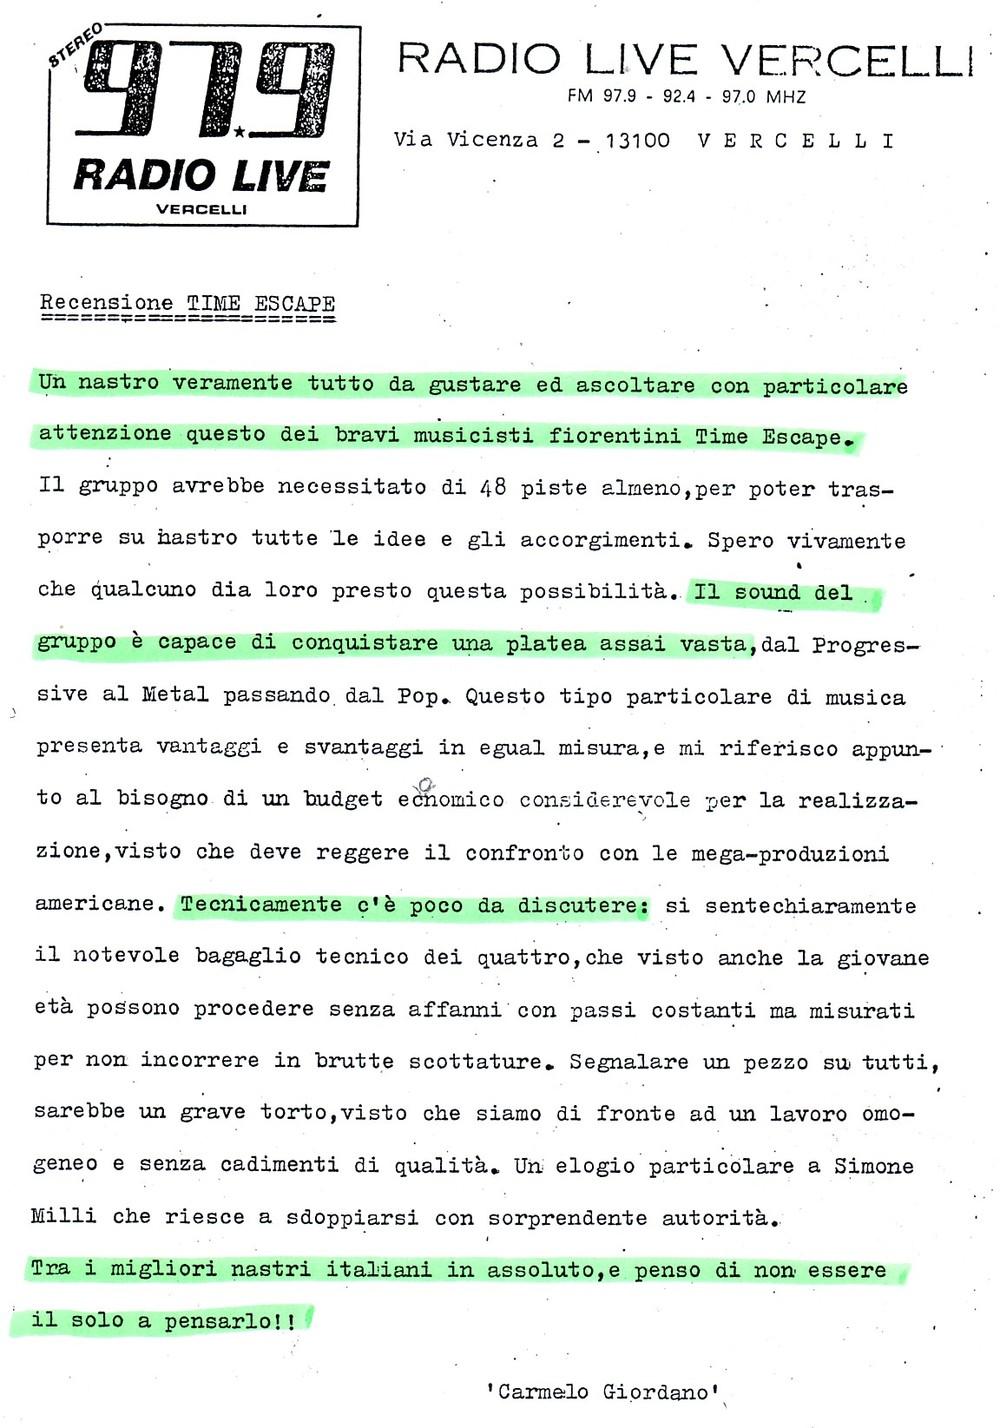 RADIO LIVE VERCELLI (ITALY) - 1988